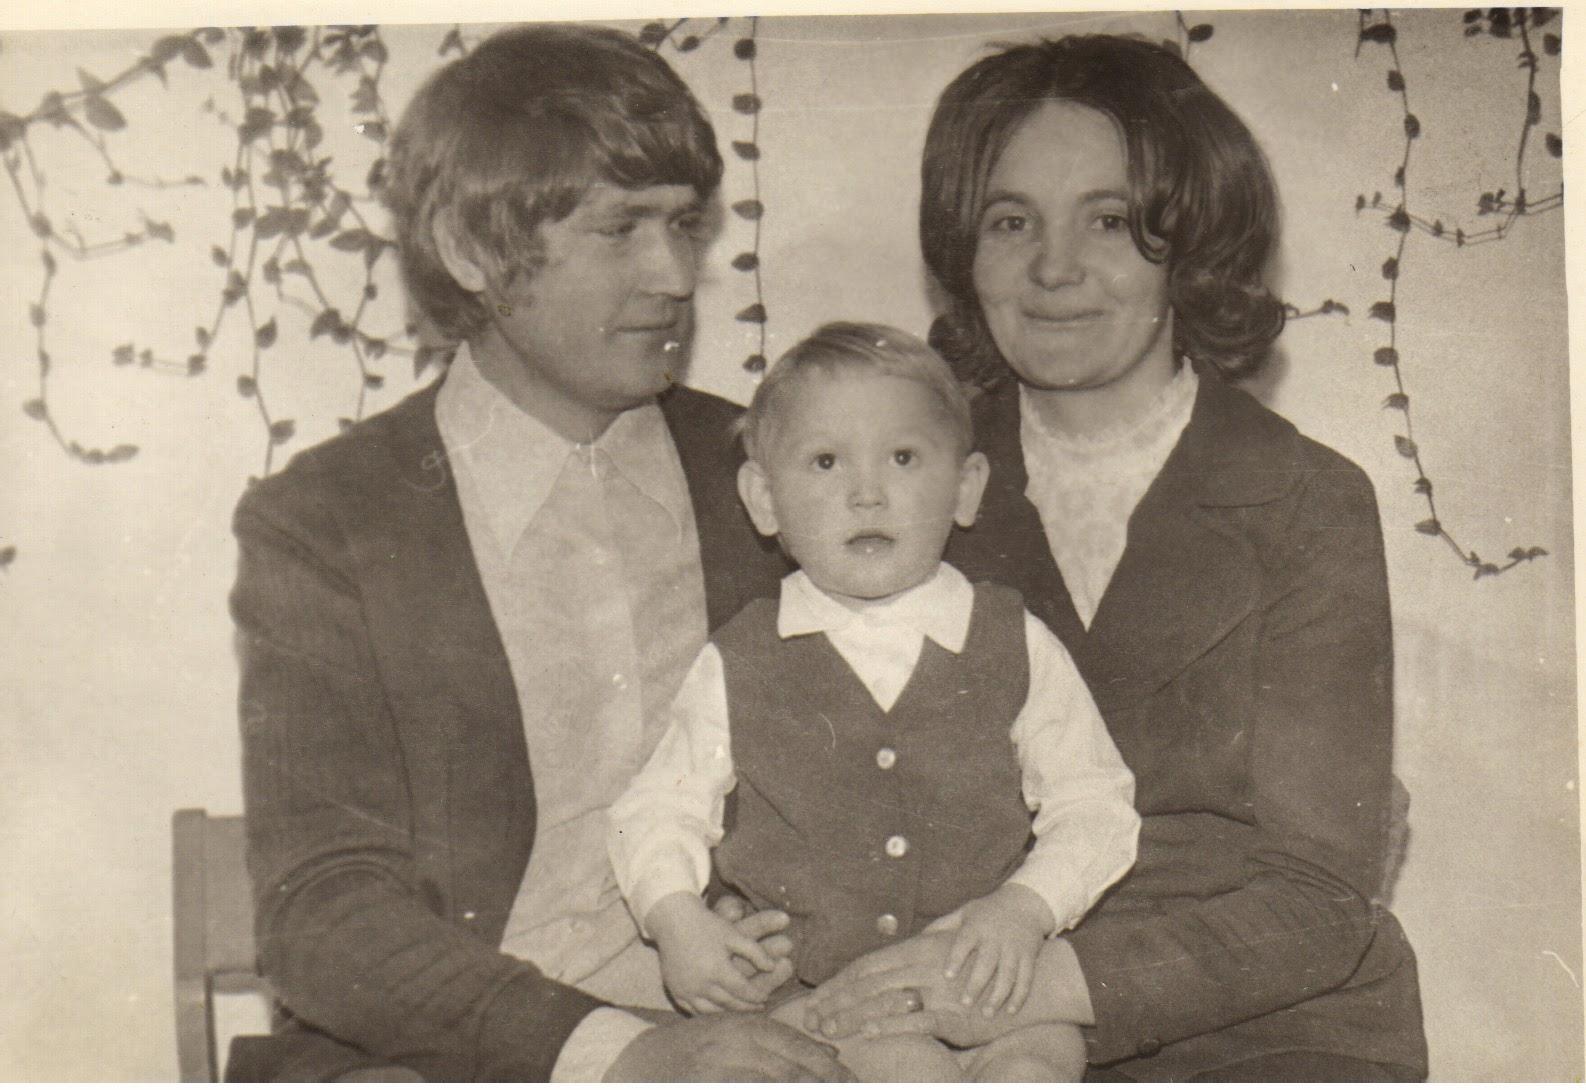 1,5-годовалый Андрюша Макаров со своими родителями Валентиной Николаевной и Александром Ильичом. Через 18 лет этот крепкий, румяный мальчишка погиб во время первой Чеченской кампании, выполняя свой воинский долг. Отца не стало через неделю после похорон сына.